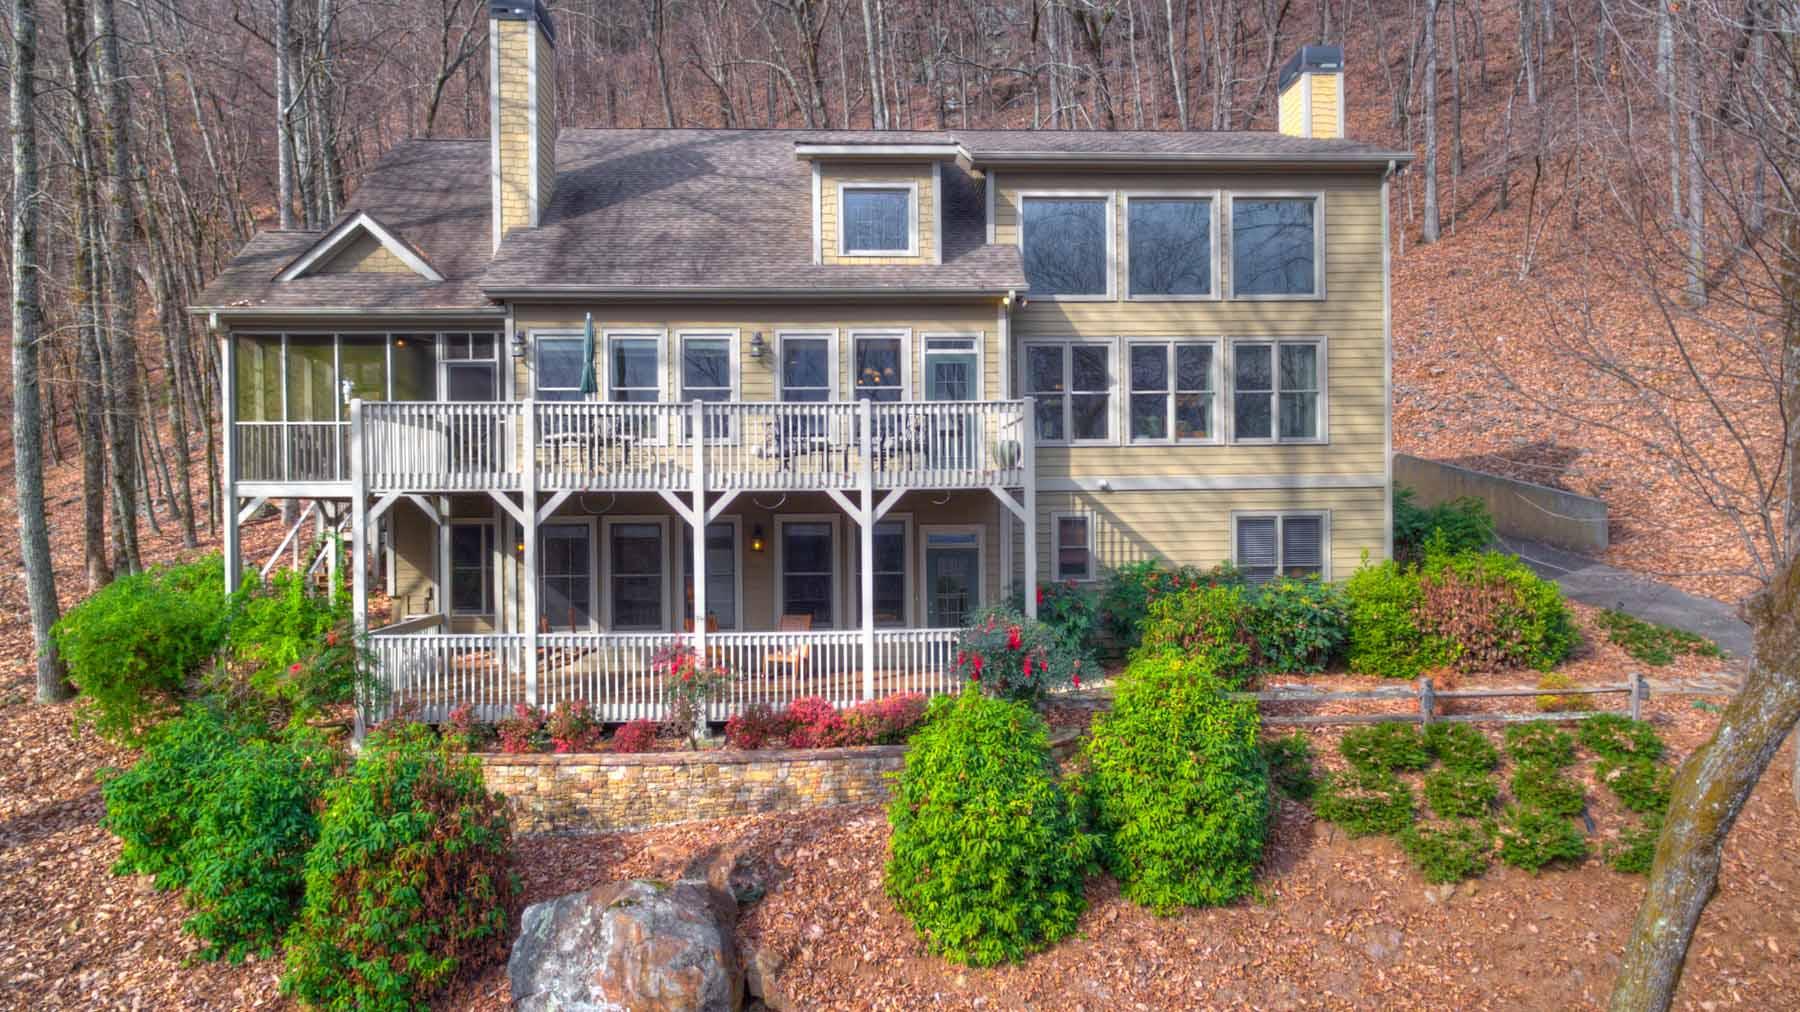 一戸建て のために 売買 アット Bright Spacious Home in Mountains of Big Canoe 1239 Grouse Gap Big Canoe, ジョージア, 30143 アメリカ合衆国